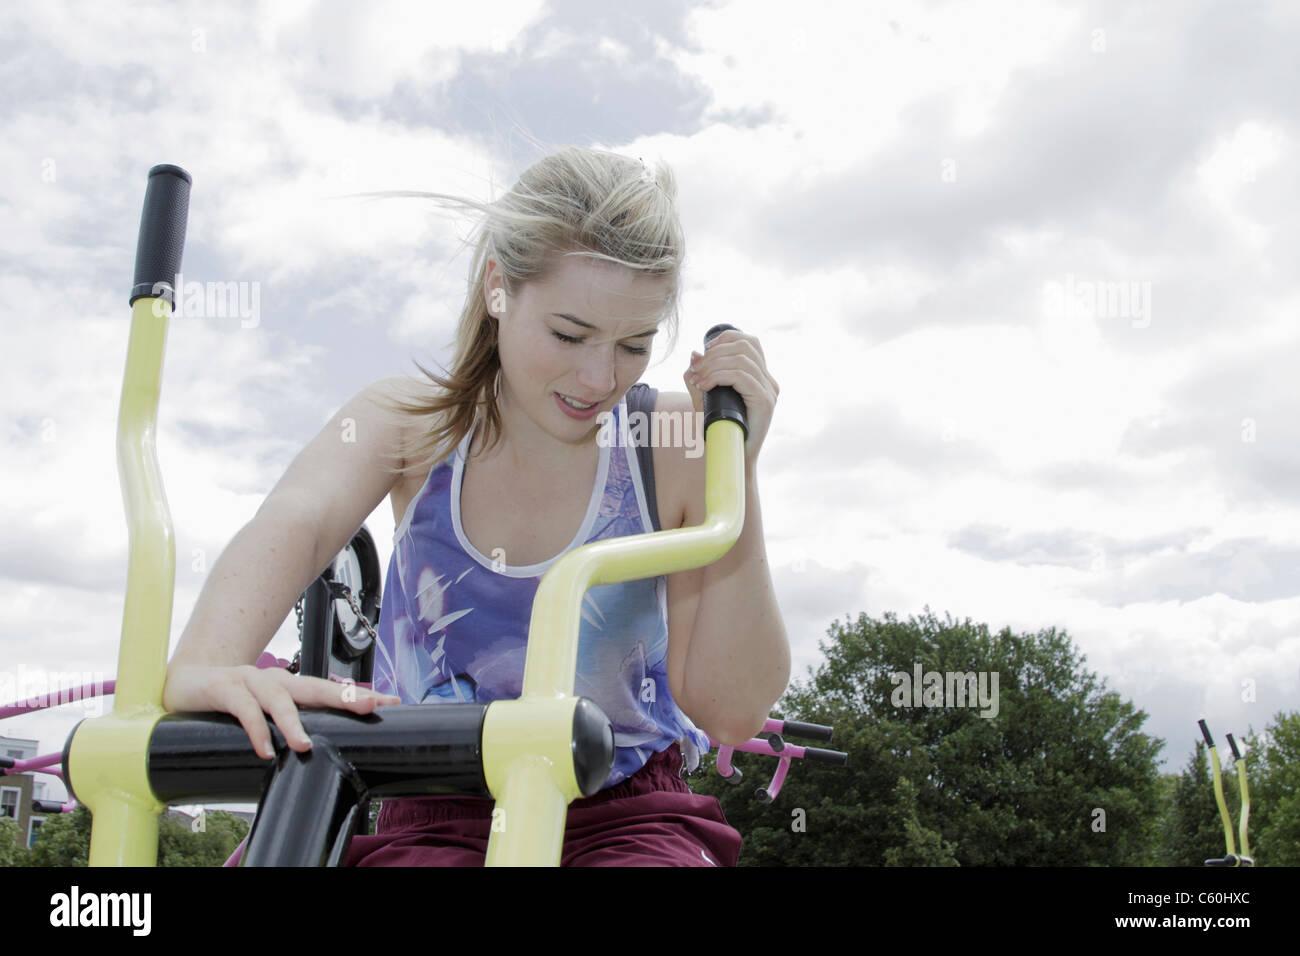 Femme à l'aide de machine d'exercice en plein air Photo Stock